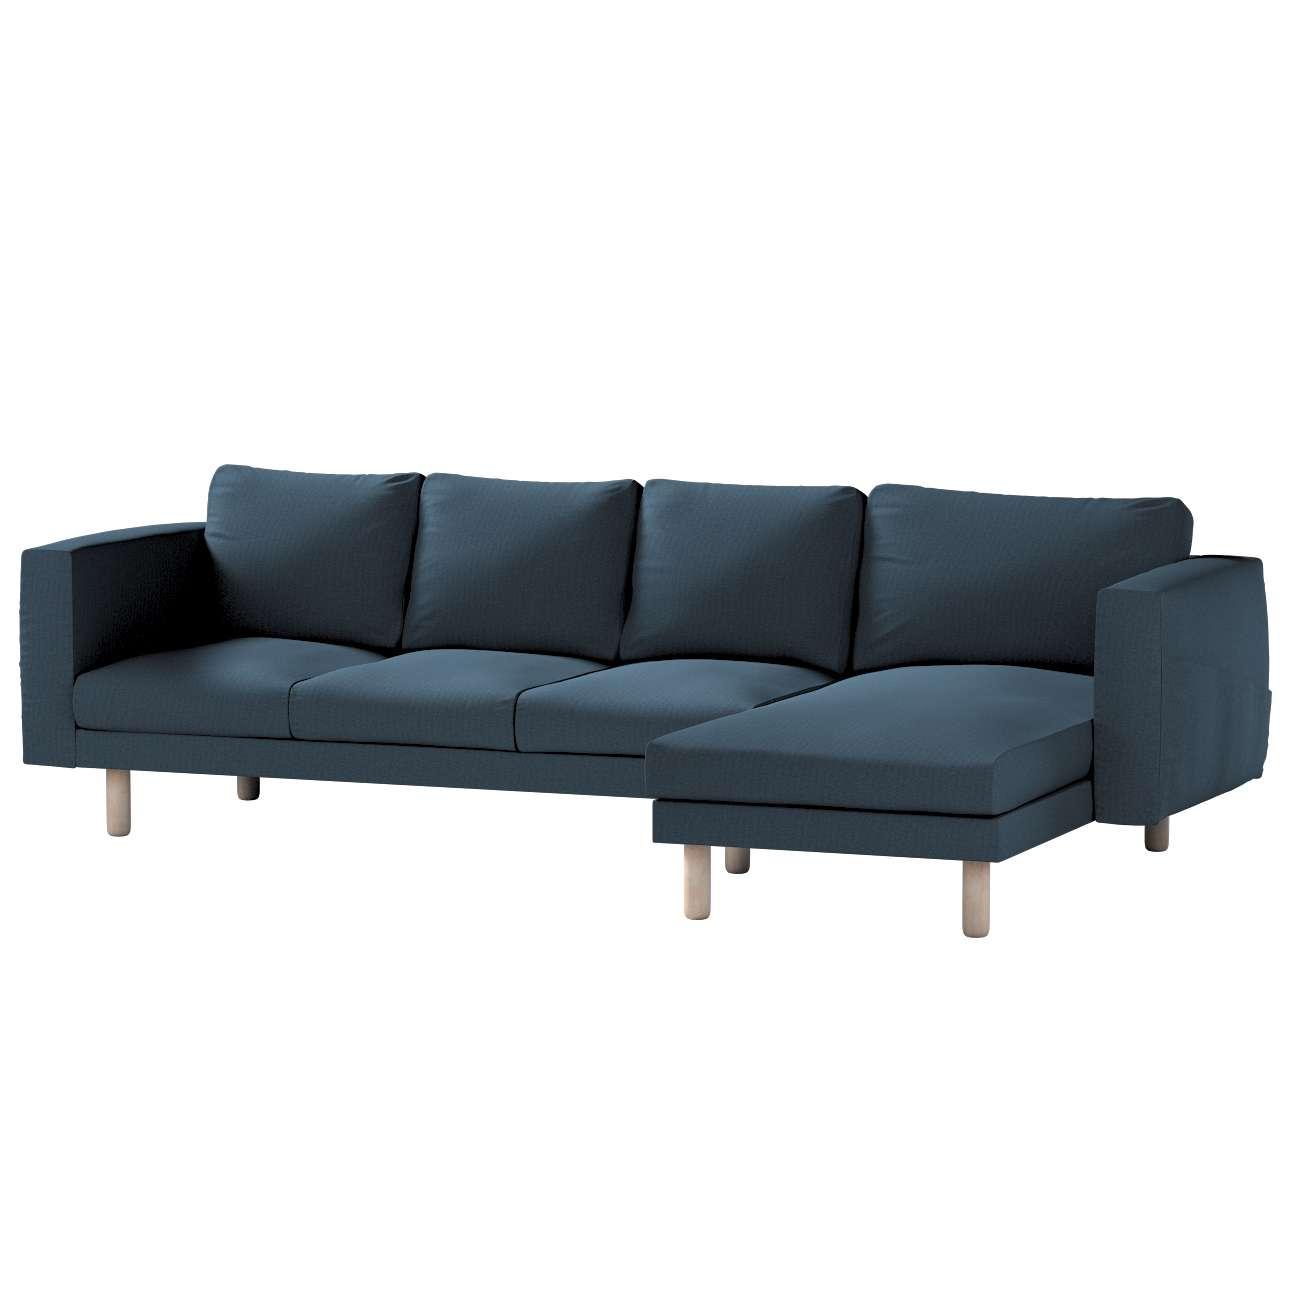 Pokrowiec na sofę Norsborg 4-osobową z szezlongiem w kolekcji Etna, tkanina: 705-30